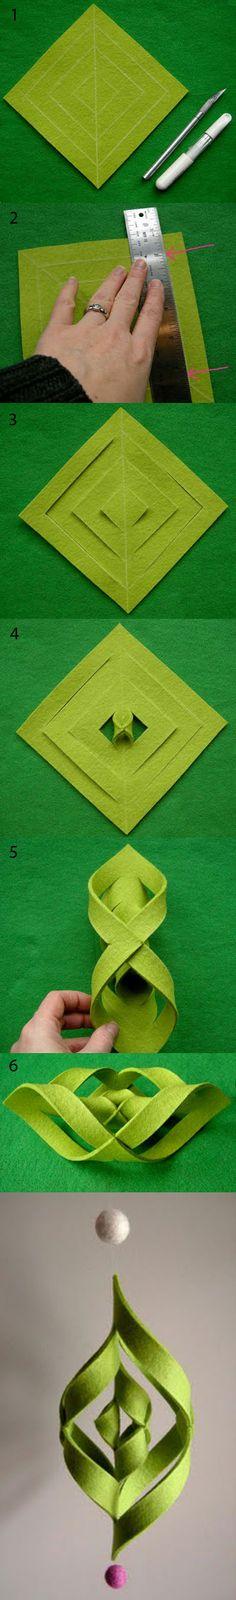 green felt ornament